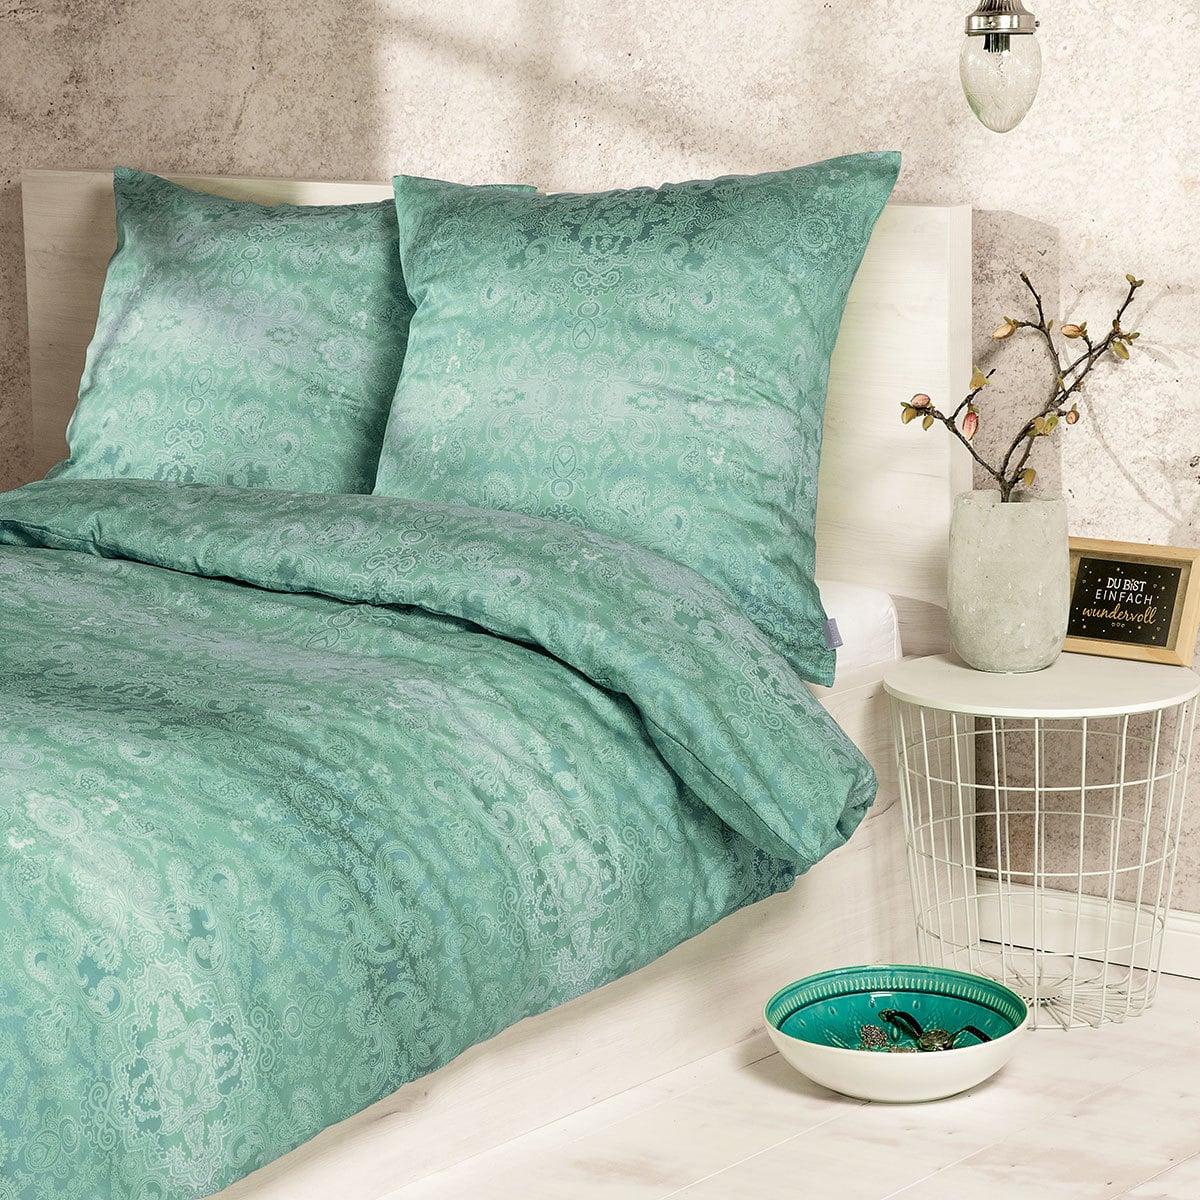 ibena mako satin bettw sche zeitgeist 5839 680 g nstig. Black Bedroom Furniture Sets. Home Design Ideas